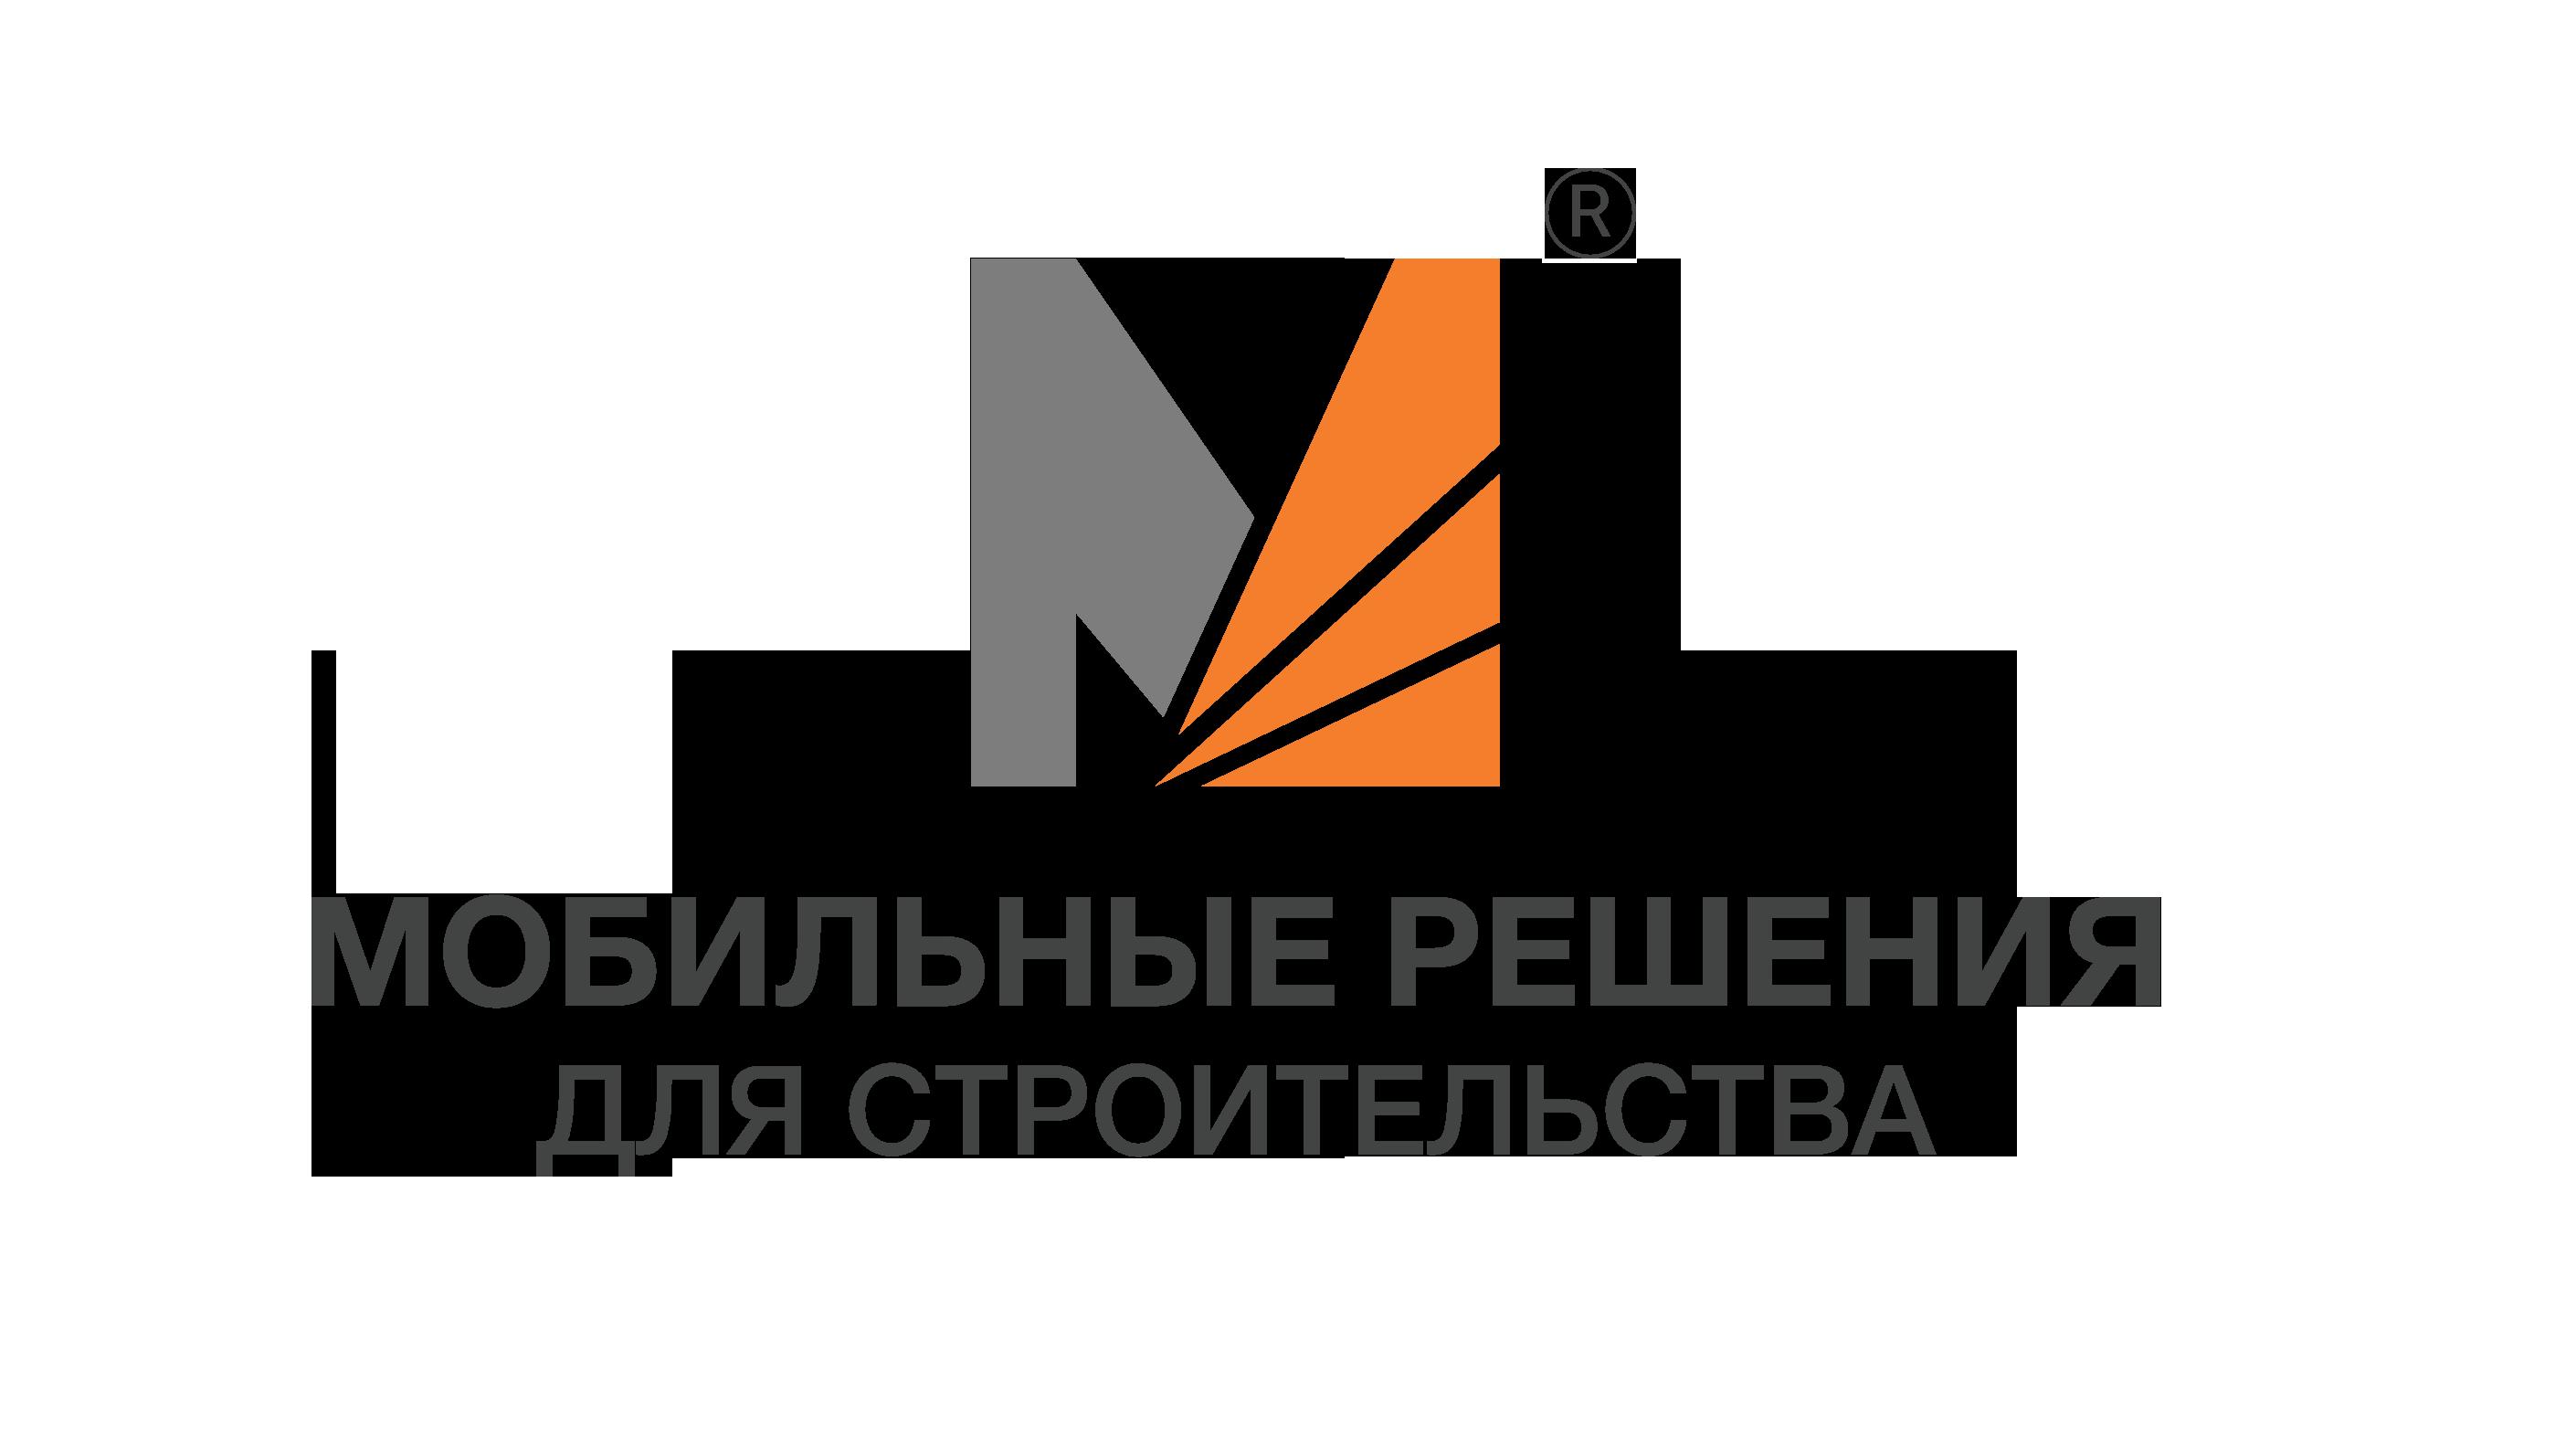 ООО «Мобильные решения для строительства»